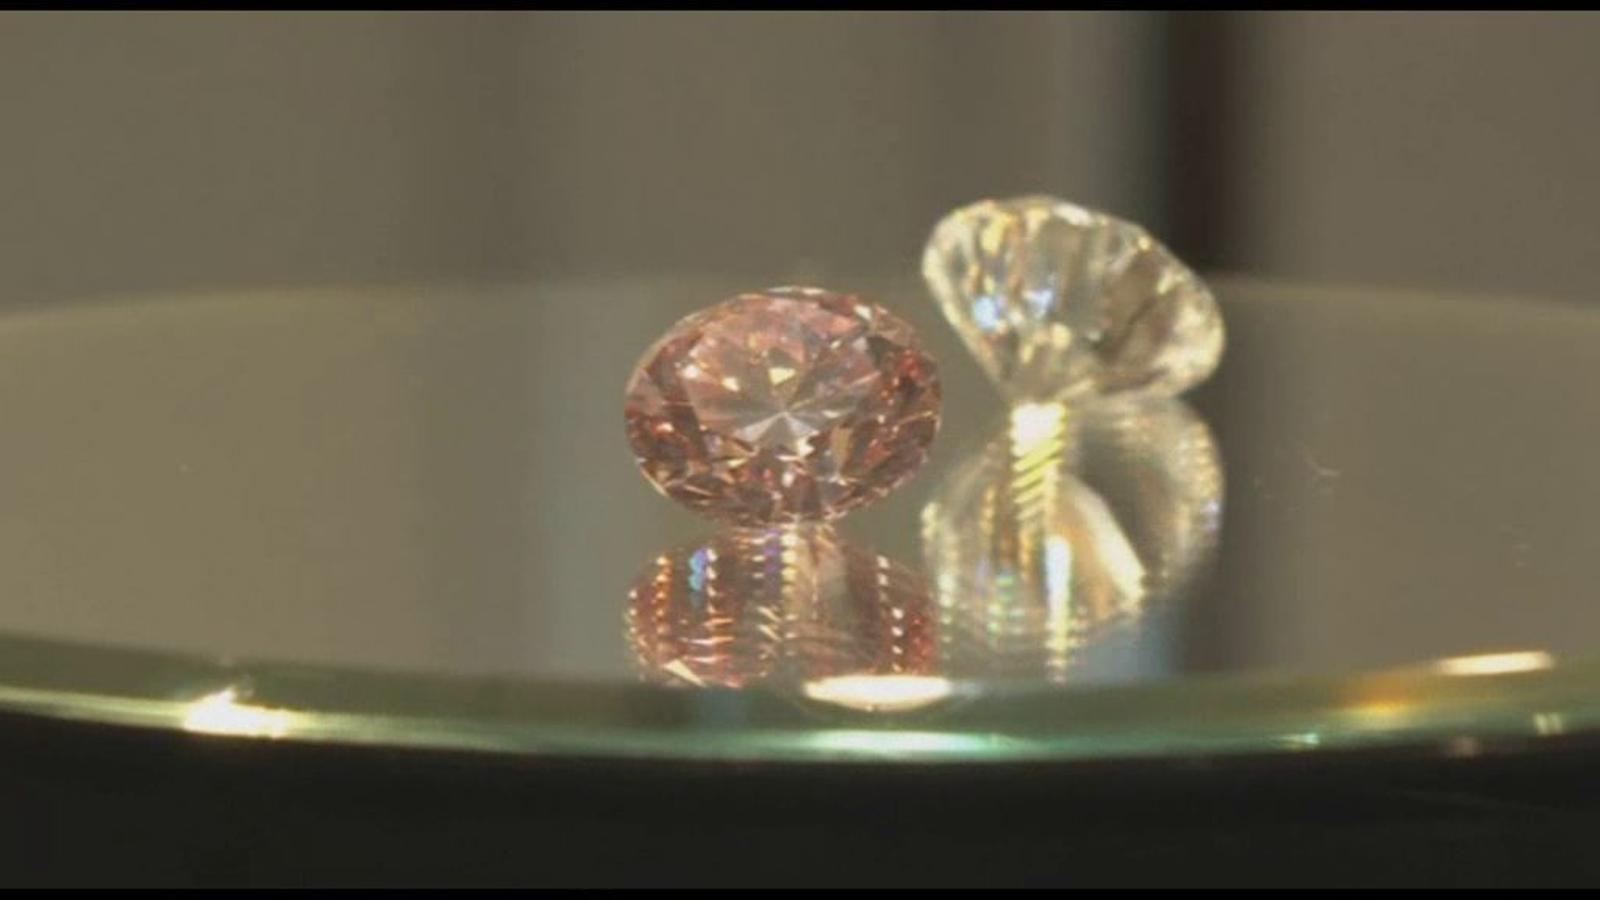 Subhasten un diamant rosa per uns 14 milions d'euros a Hong Kong